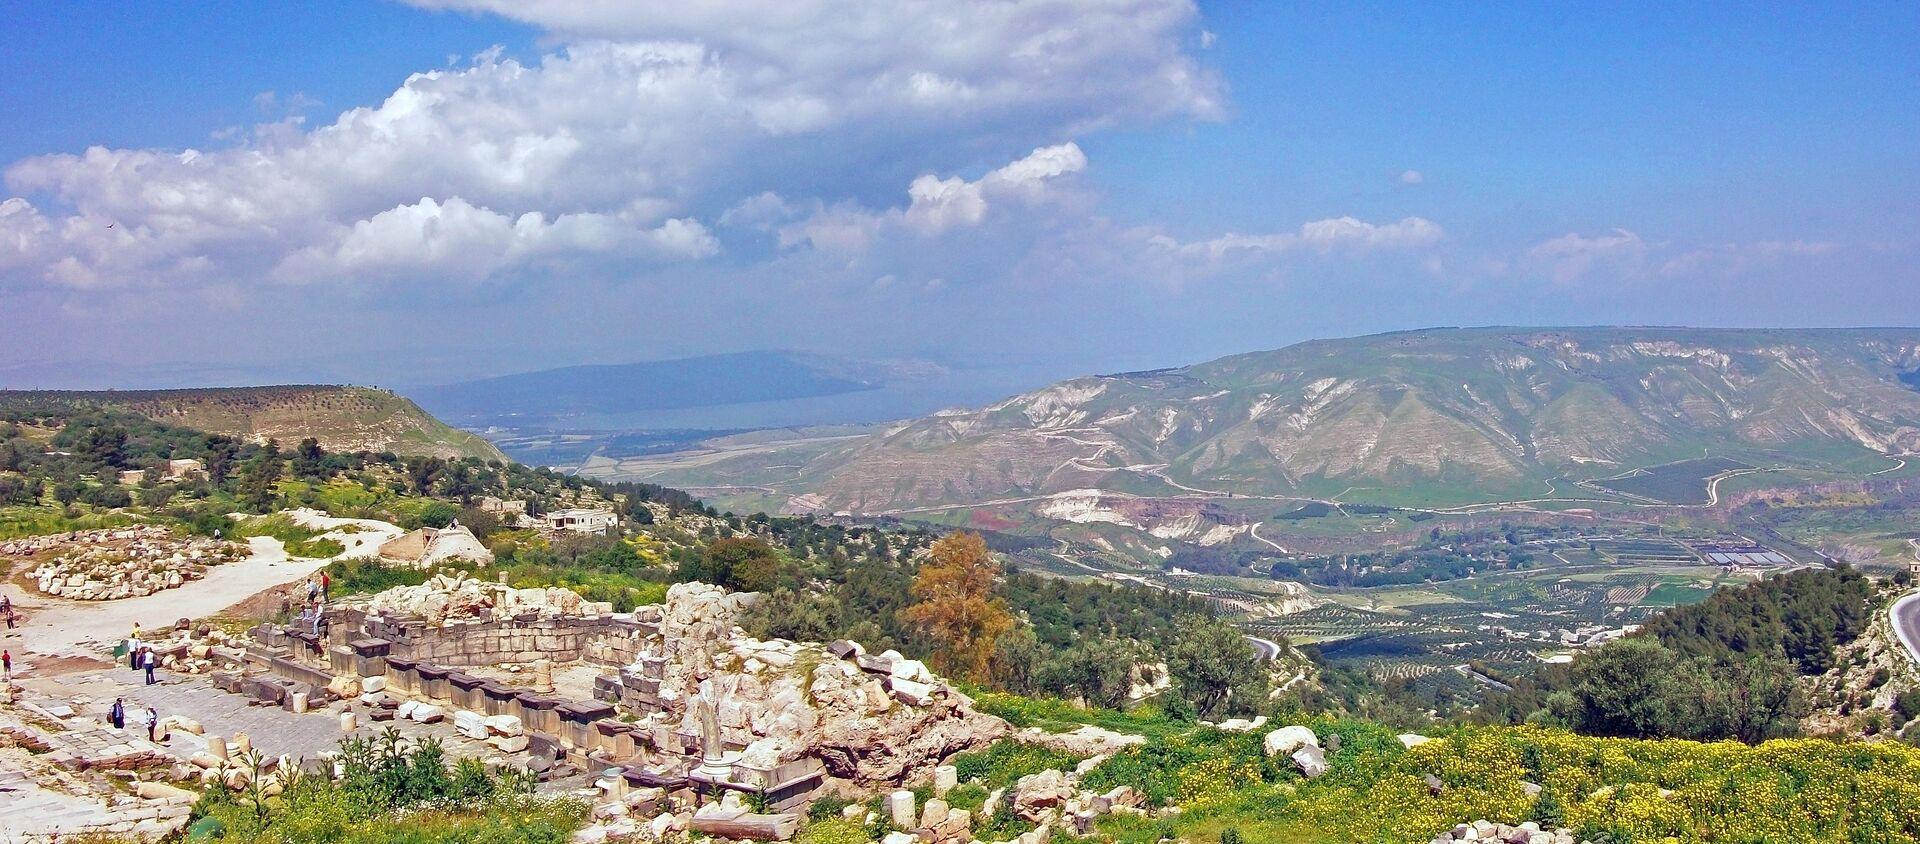 Una vista que se abre a los Altos del Golán desde las ruinas de una antigua ciudad situadas en Umm Qais (Jordania) - Sputnik Mundo, 1920, 25.03.2019